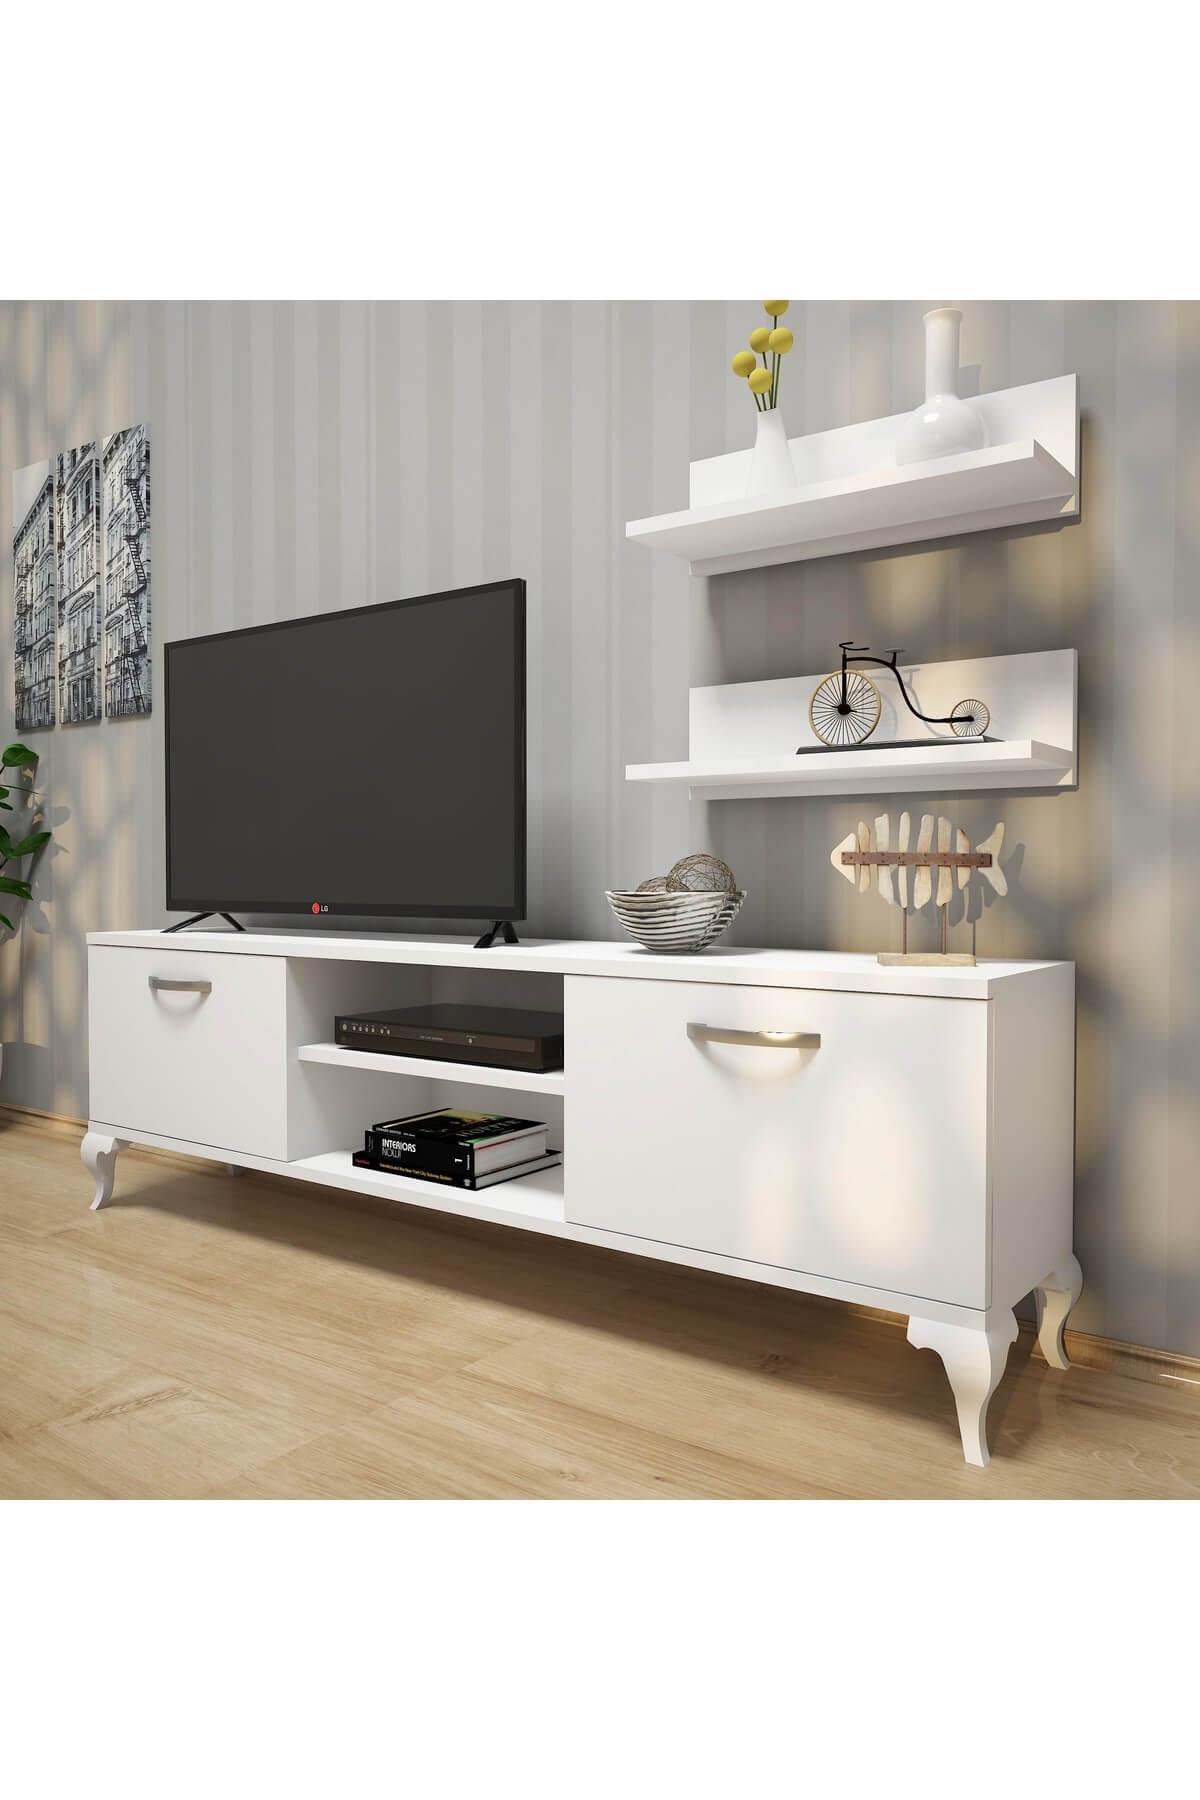 Rani Mobilya A4 Duvar Raflı Tv Sehpası - Kitaplıklı Tv Ünitesi Modern Ayaklı Tasarım Beyaz 1